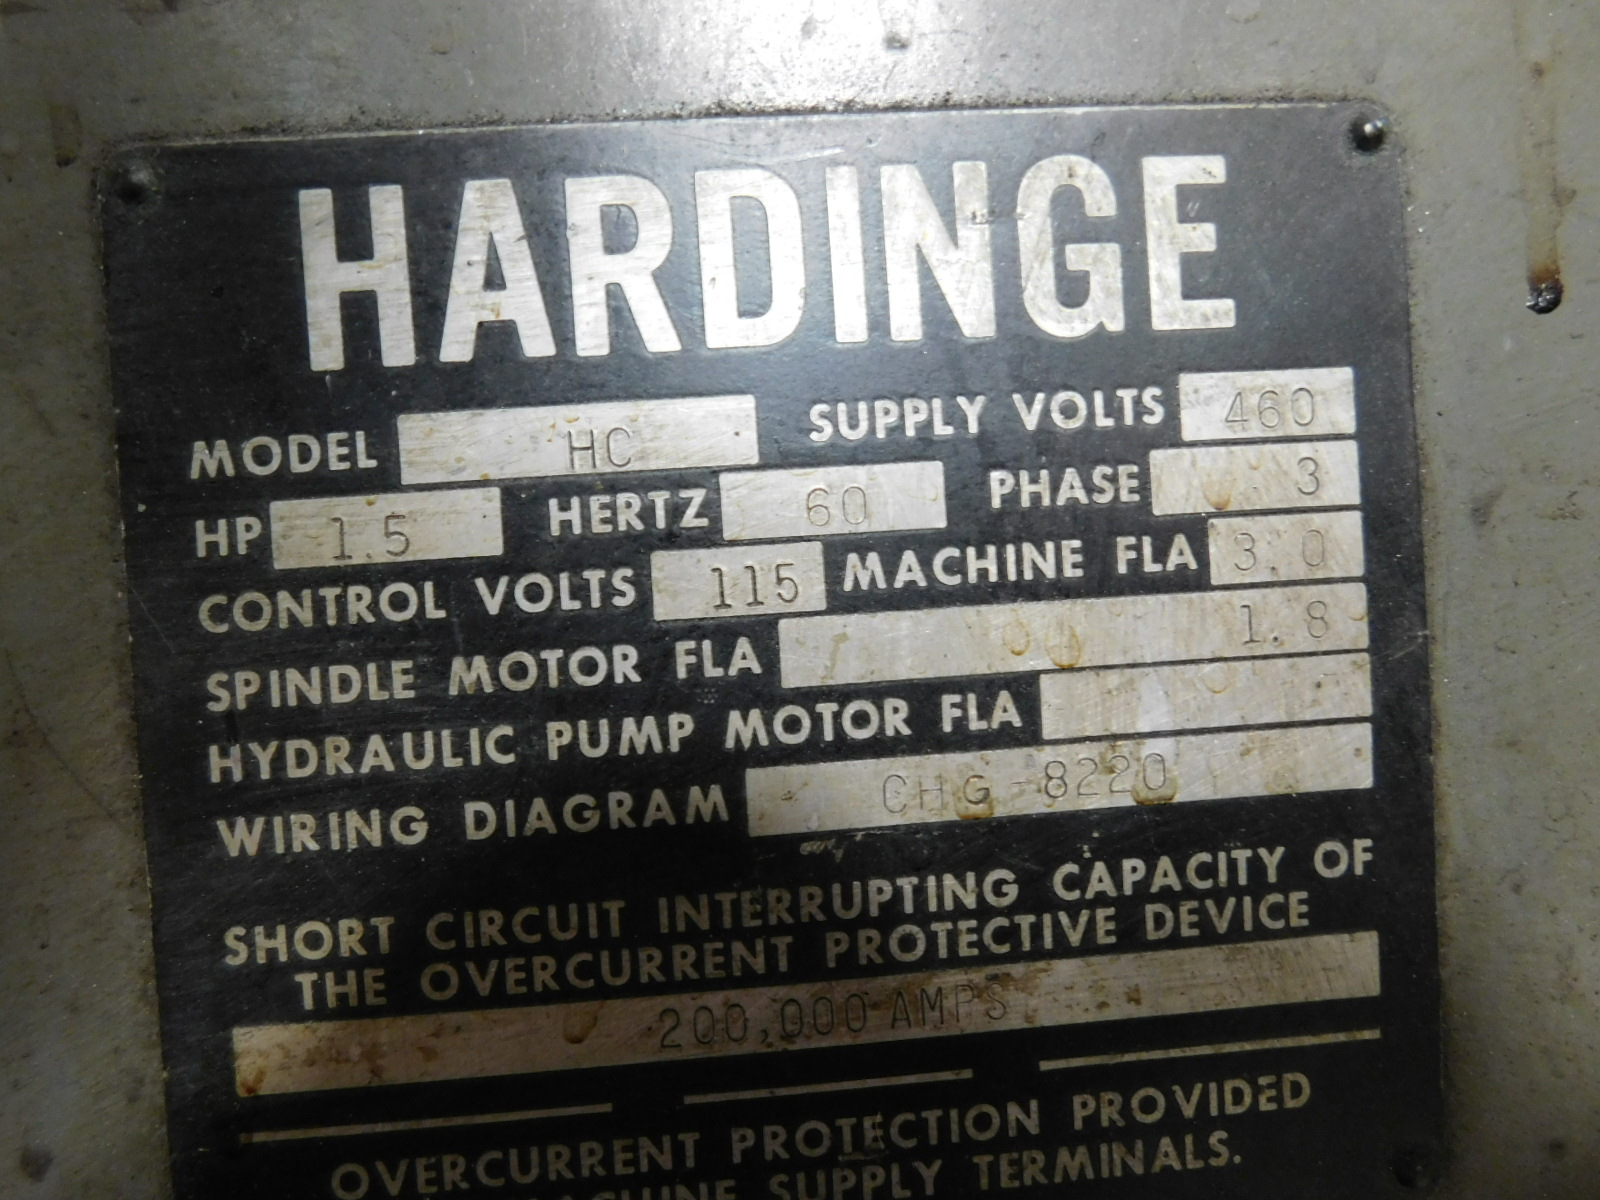 HARDINGE MODEL HC AUTOMATIC CHUCKING LATHE, S/N HC-4354-P - Image 8 of 8